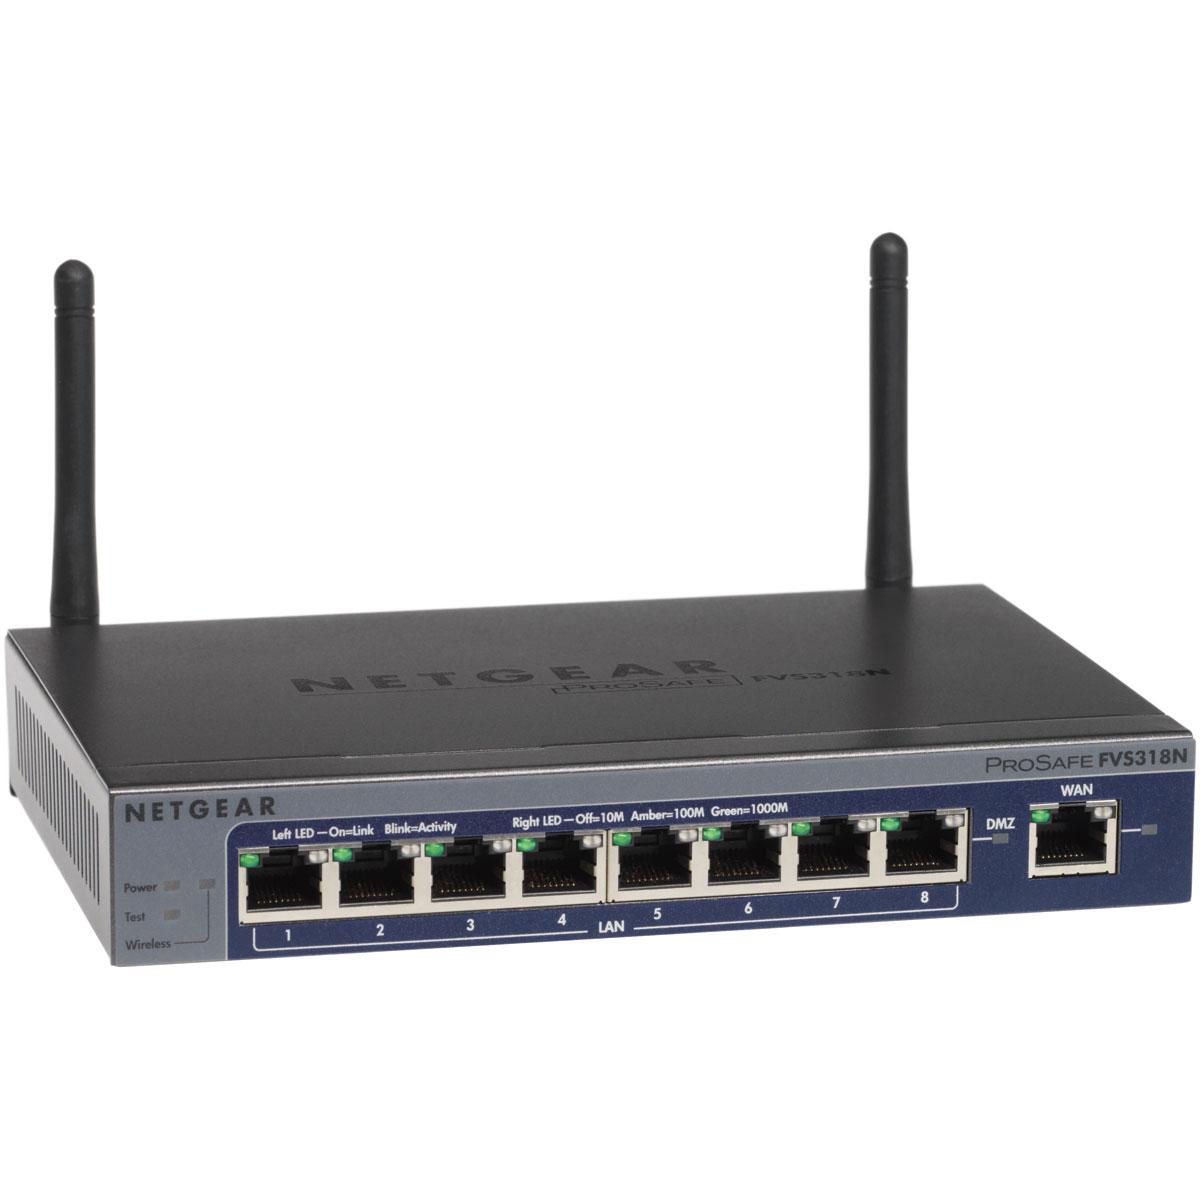 Netgear Fvs318n Modem Amp Routeur Netgear Sur Ldlc Com